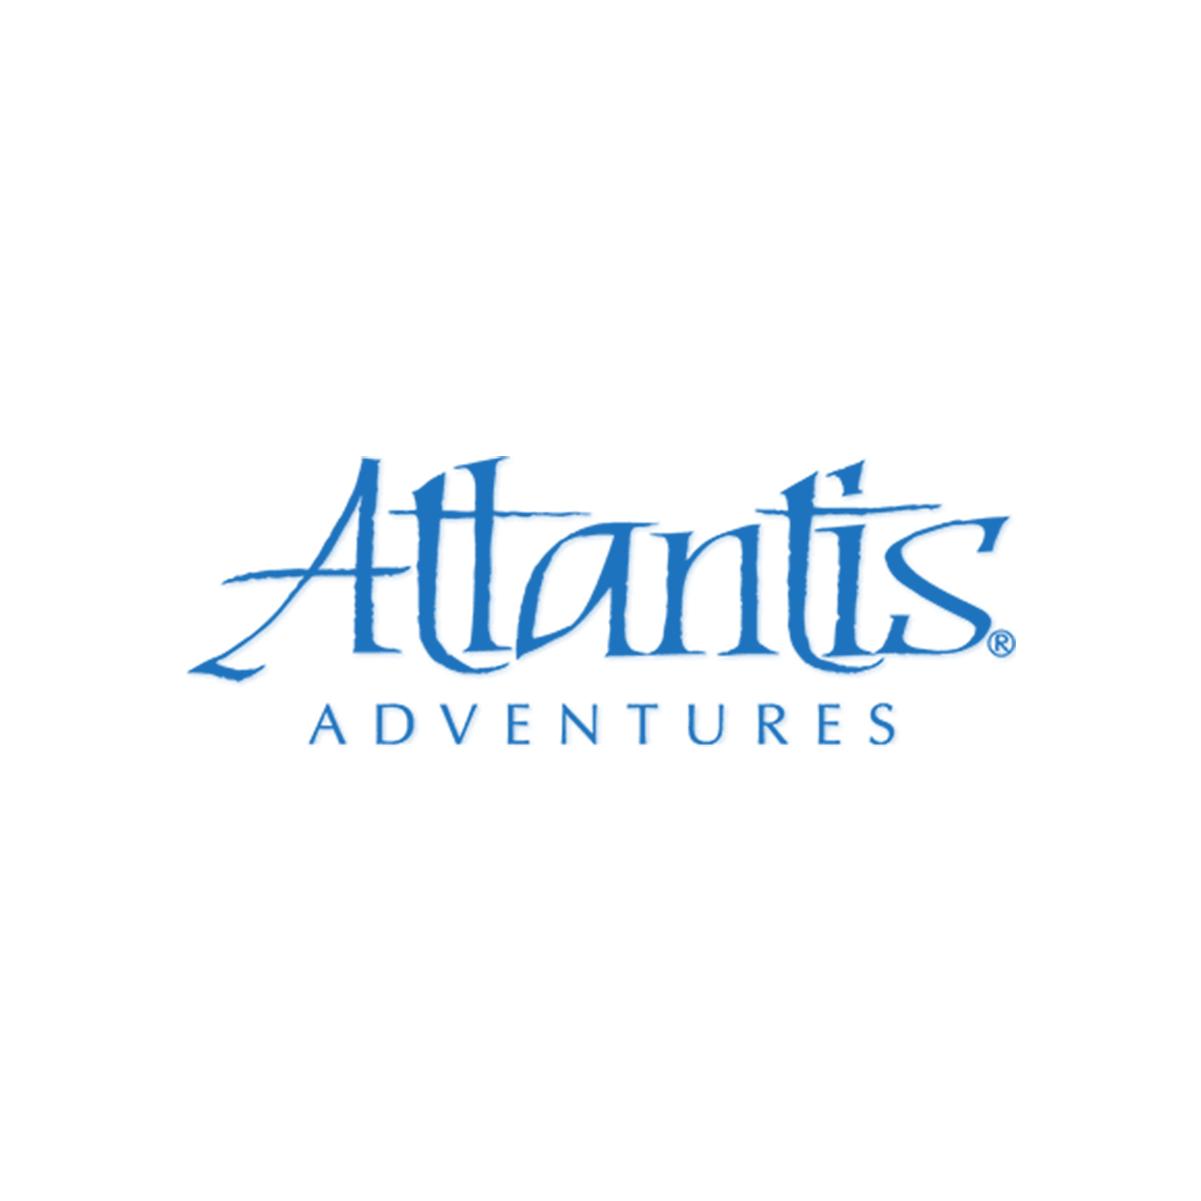 https://www.everydayvoip.uk/wp-content/uploads/2020/05/atlantis_logo.jpg